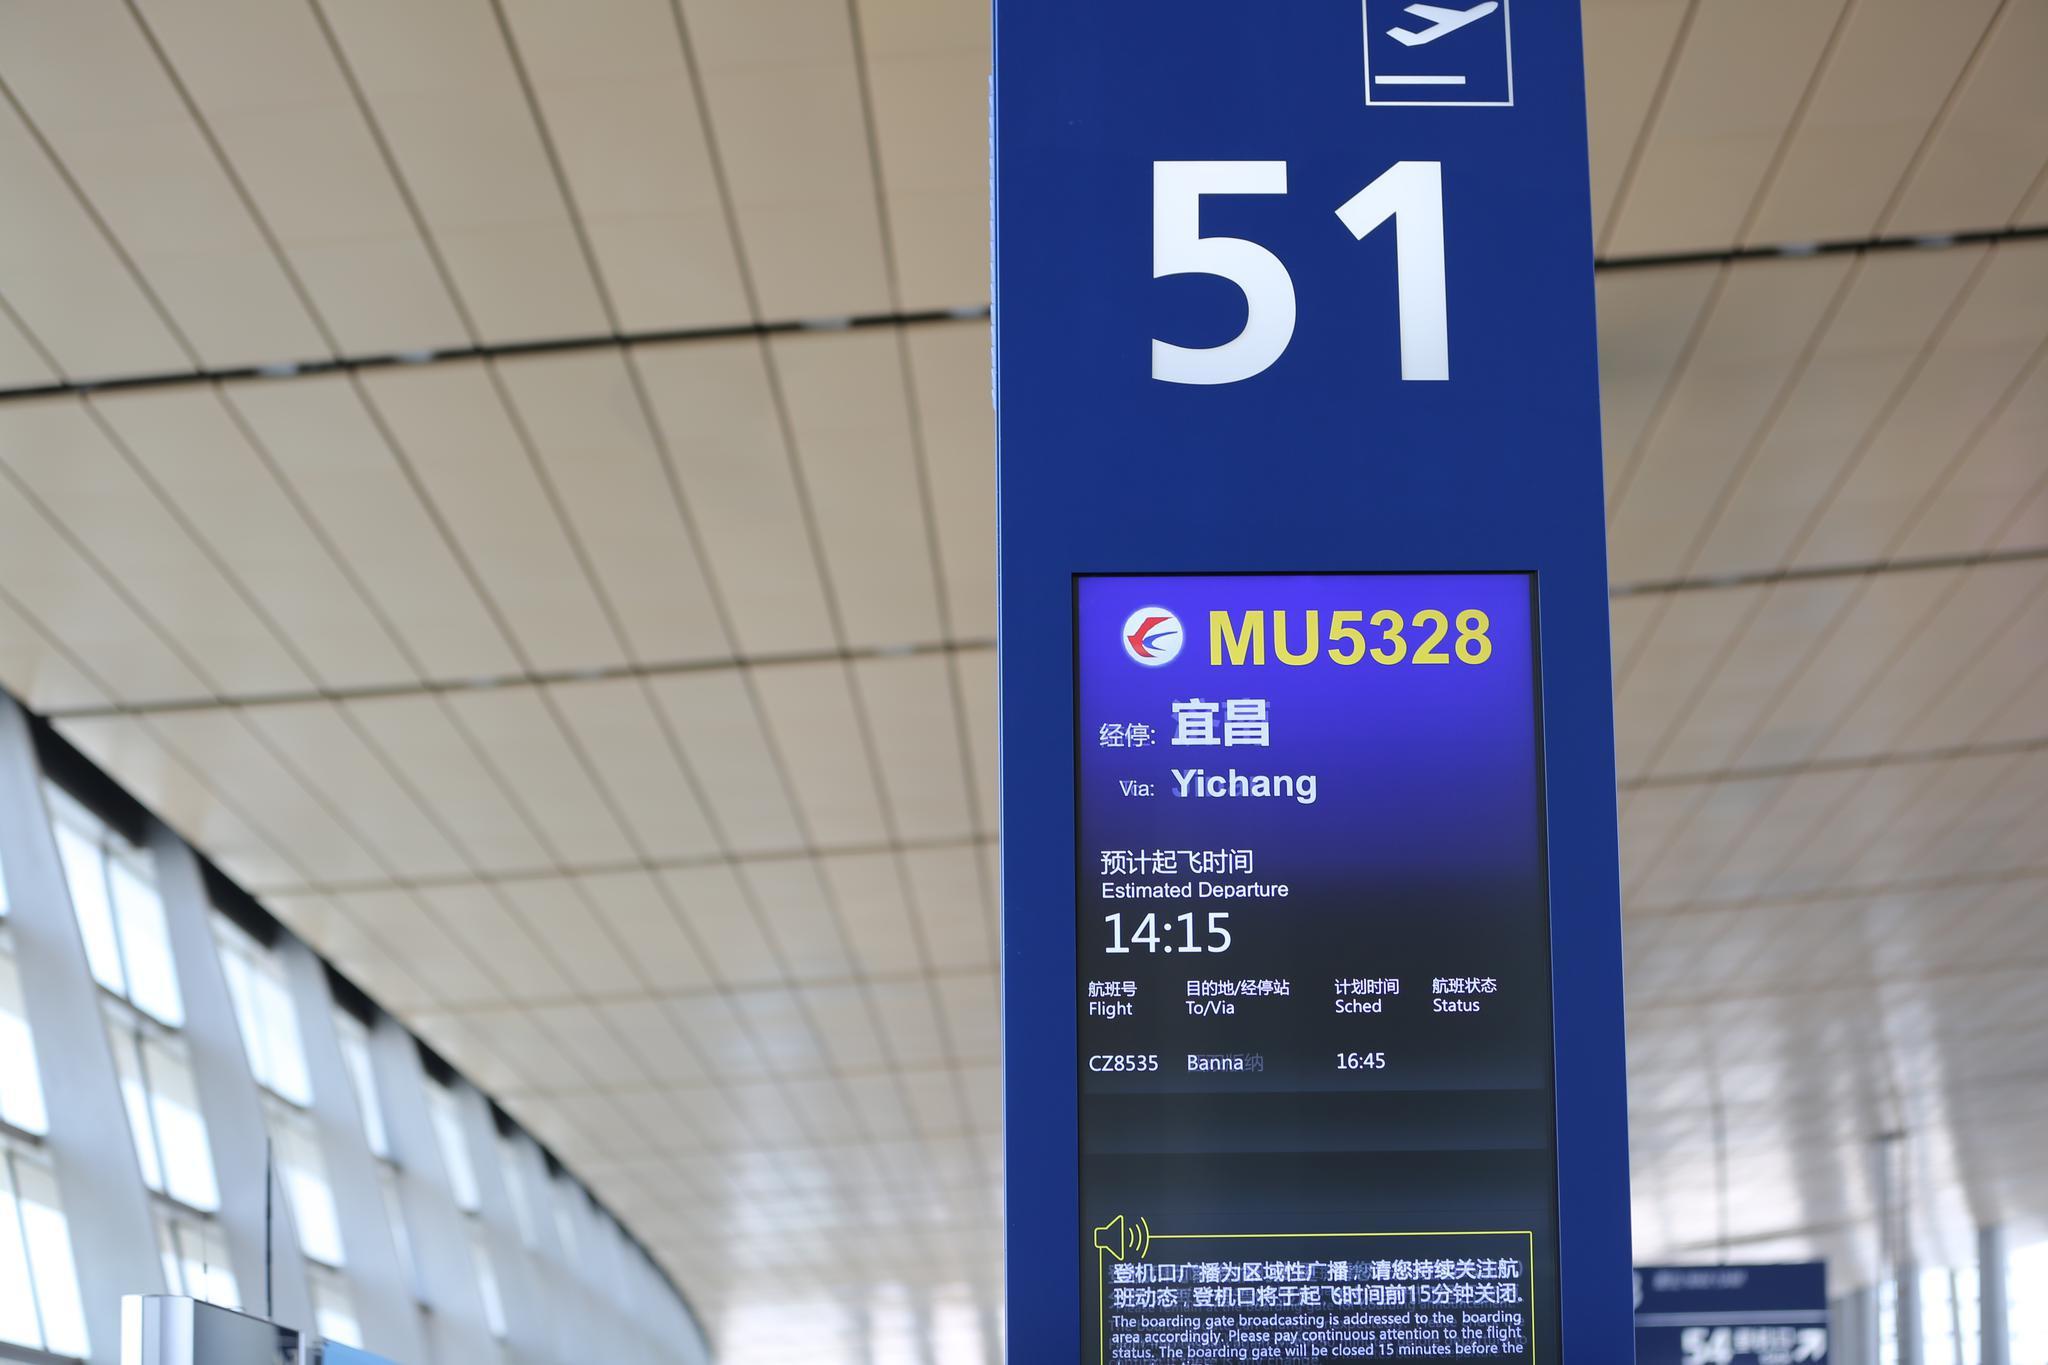 东航逐渐恢复湖北航班 30日8个航班抵离宜昌机场图片